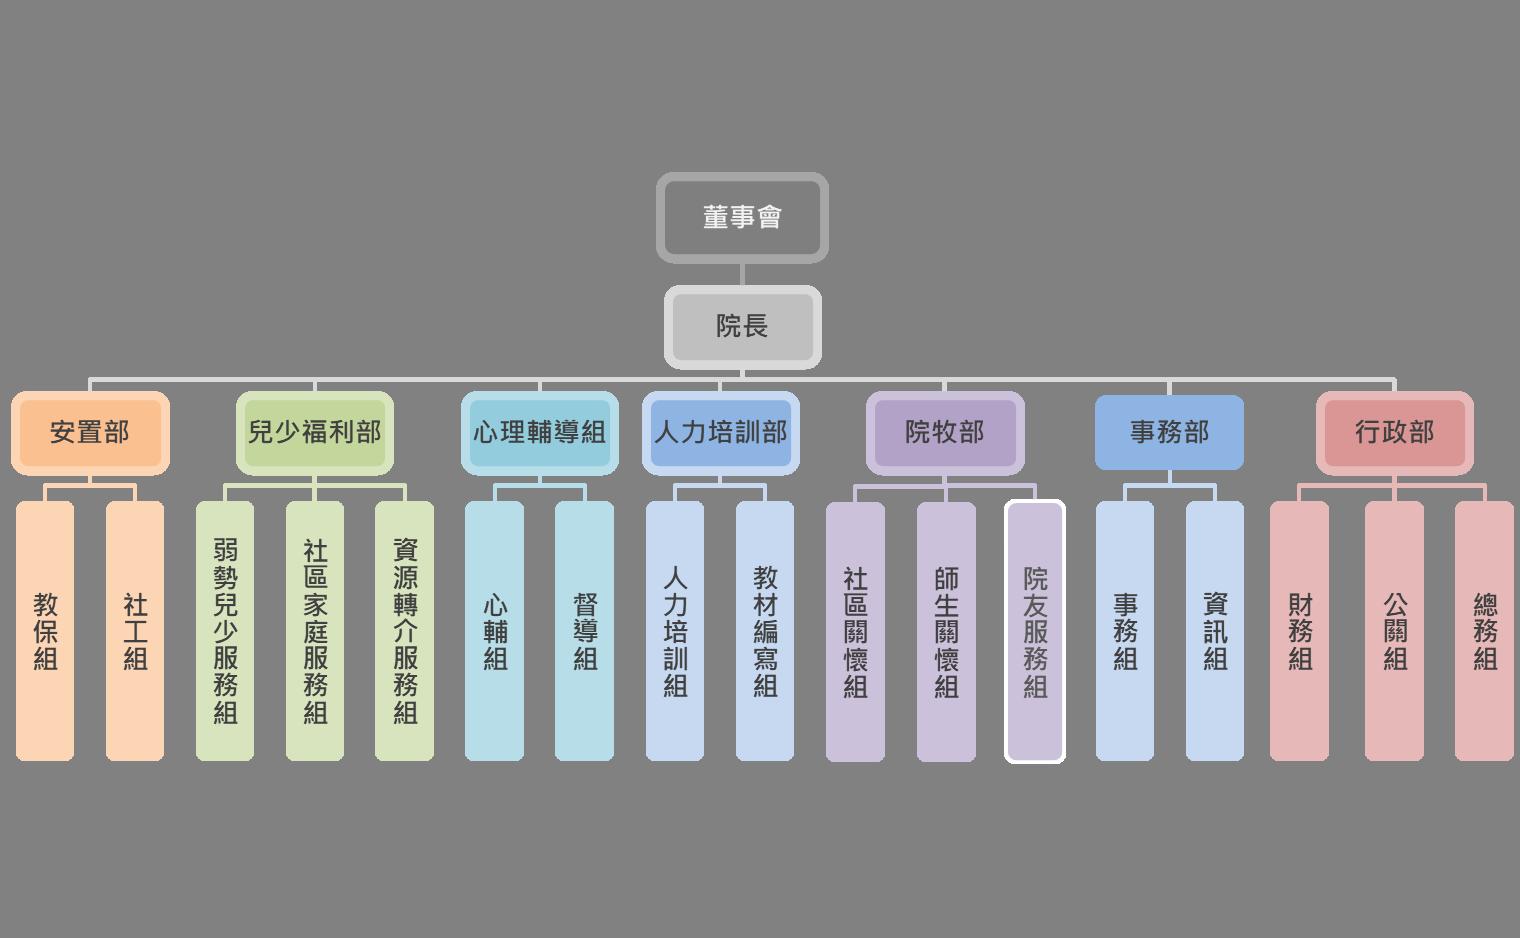 2019組織圖-1024x630